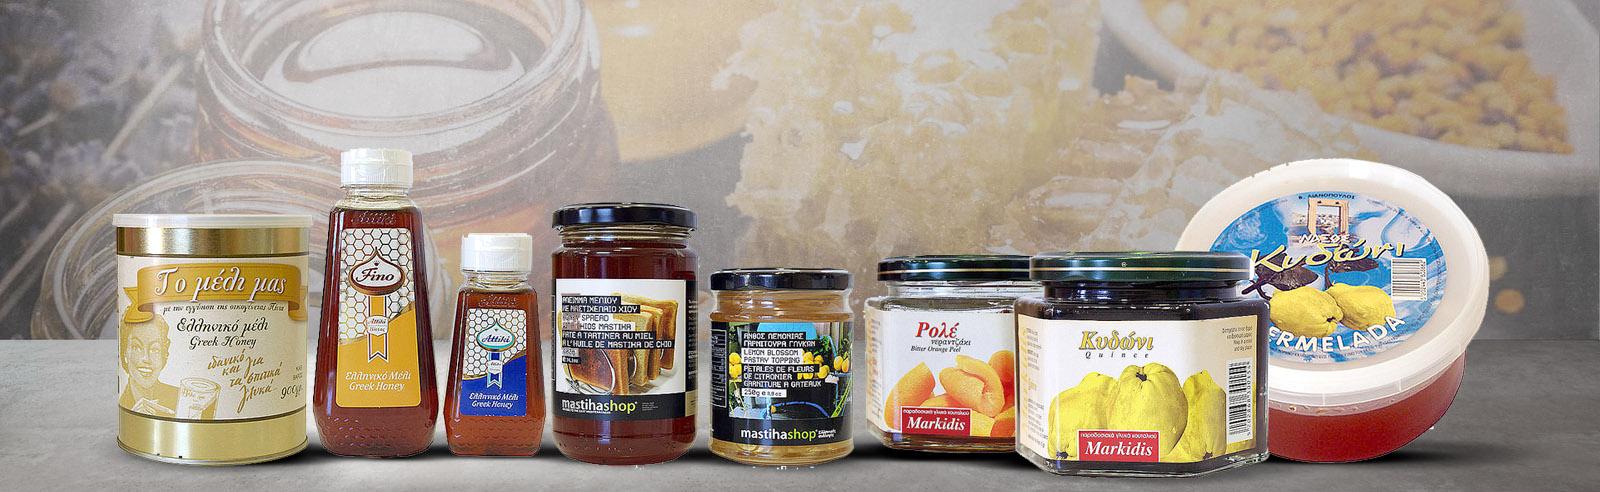 Ετικέτες - Μέλι - Γλυκό Κουταλιού - Μαρμελάδες